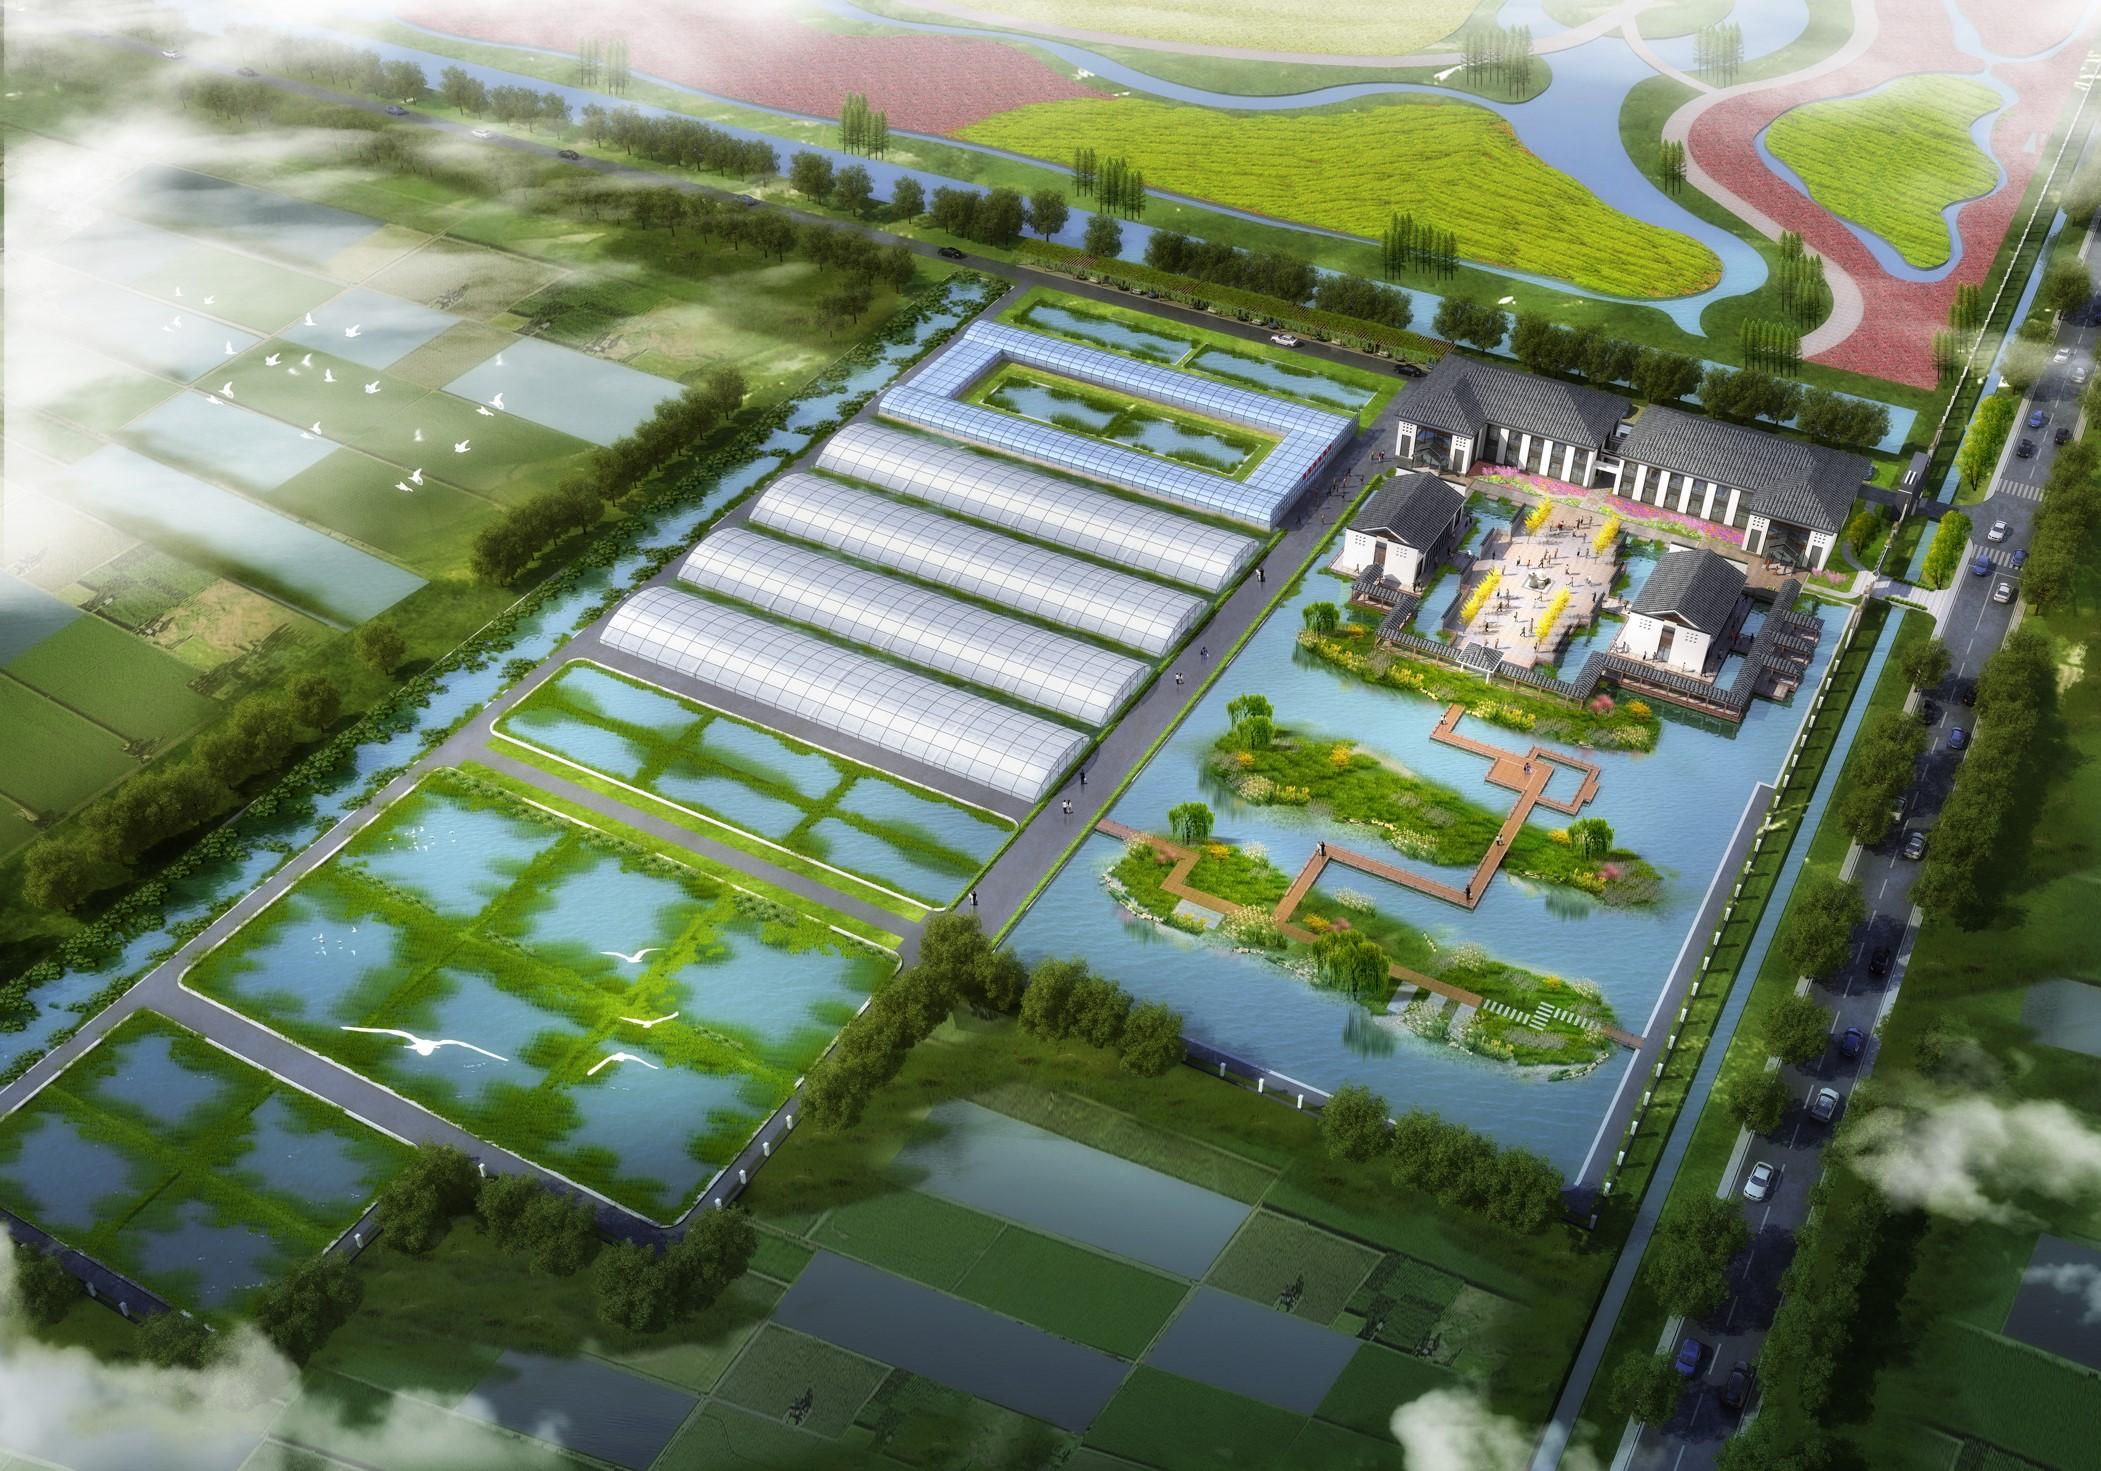 南县呈宝龟文化科普示范园概念规划